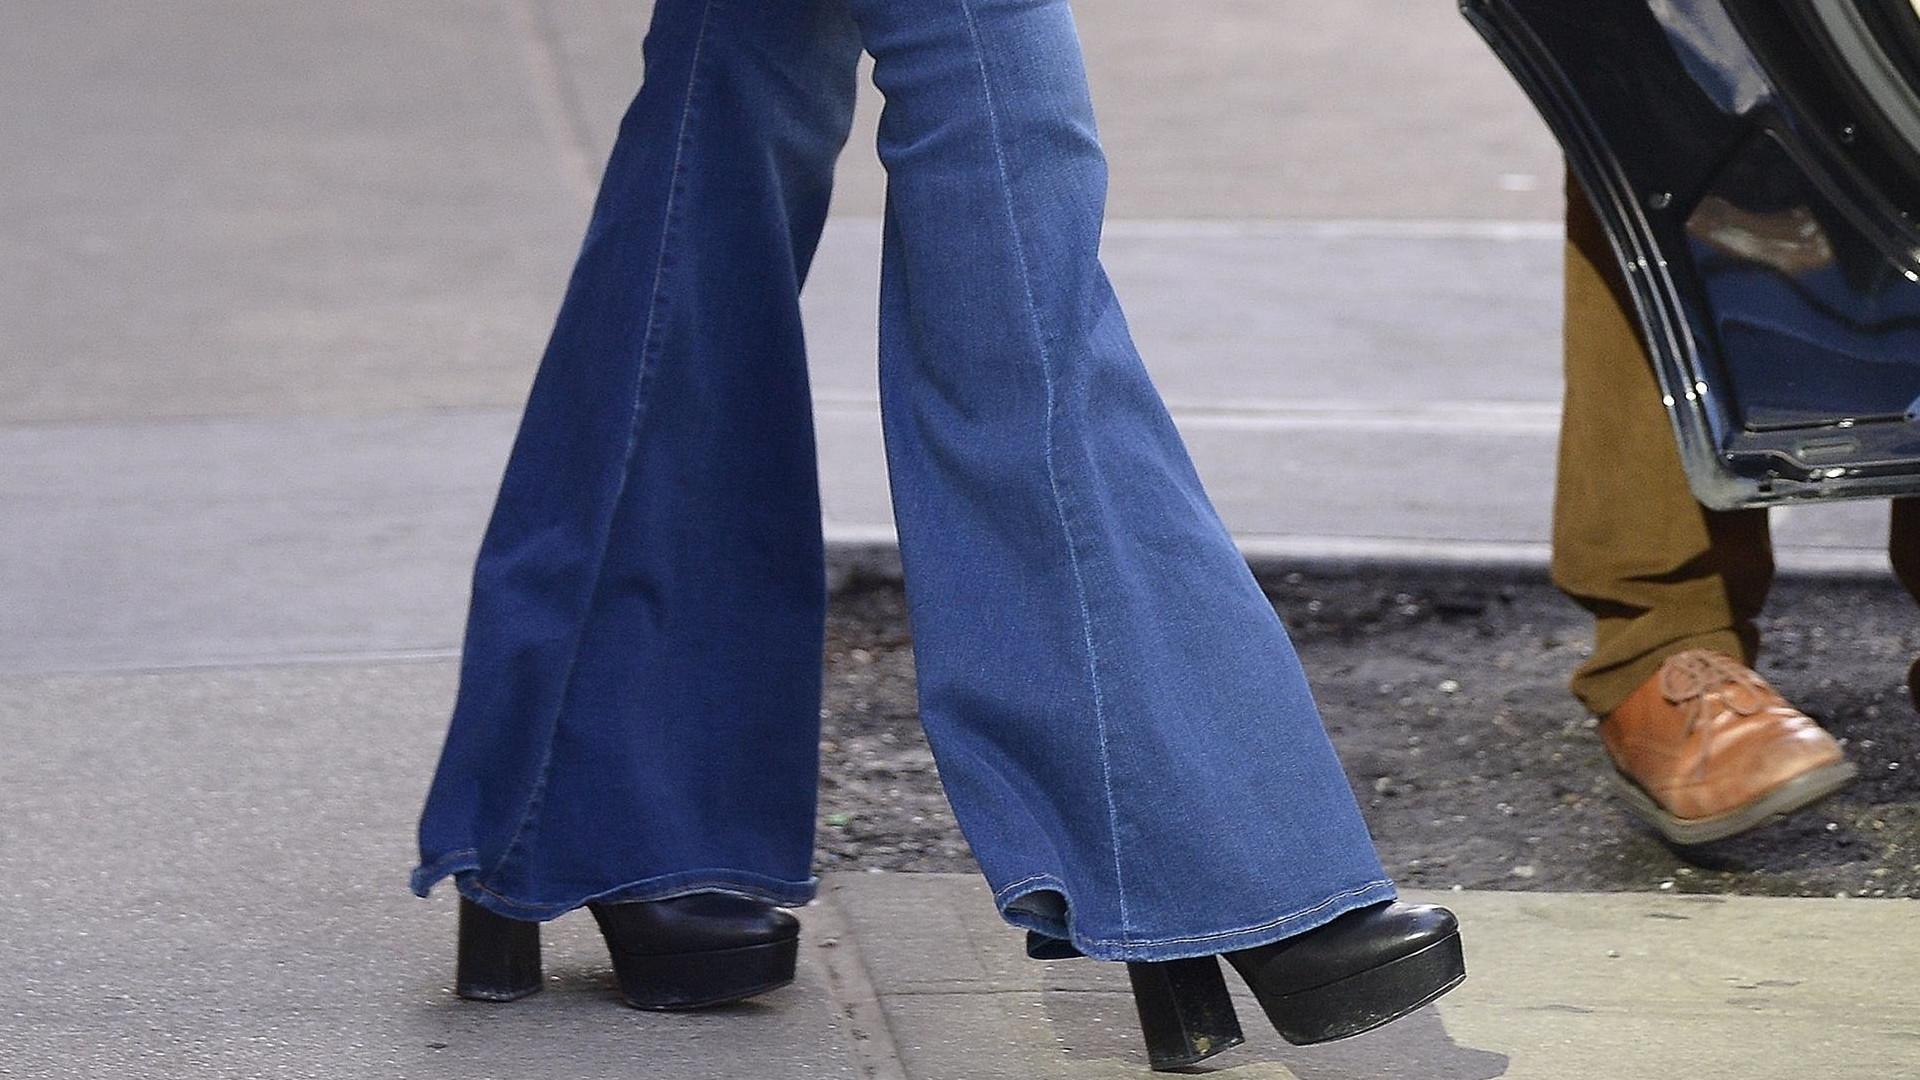 Żona znanego aktora przywraca modę na takie BRZYDKIE spodnie (ZDJĘCIA)